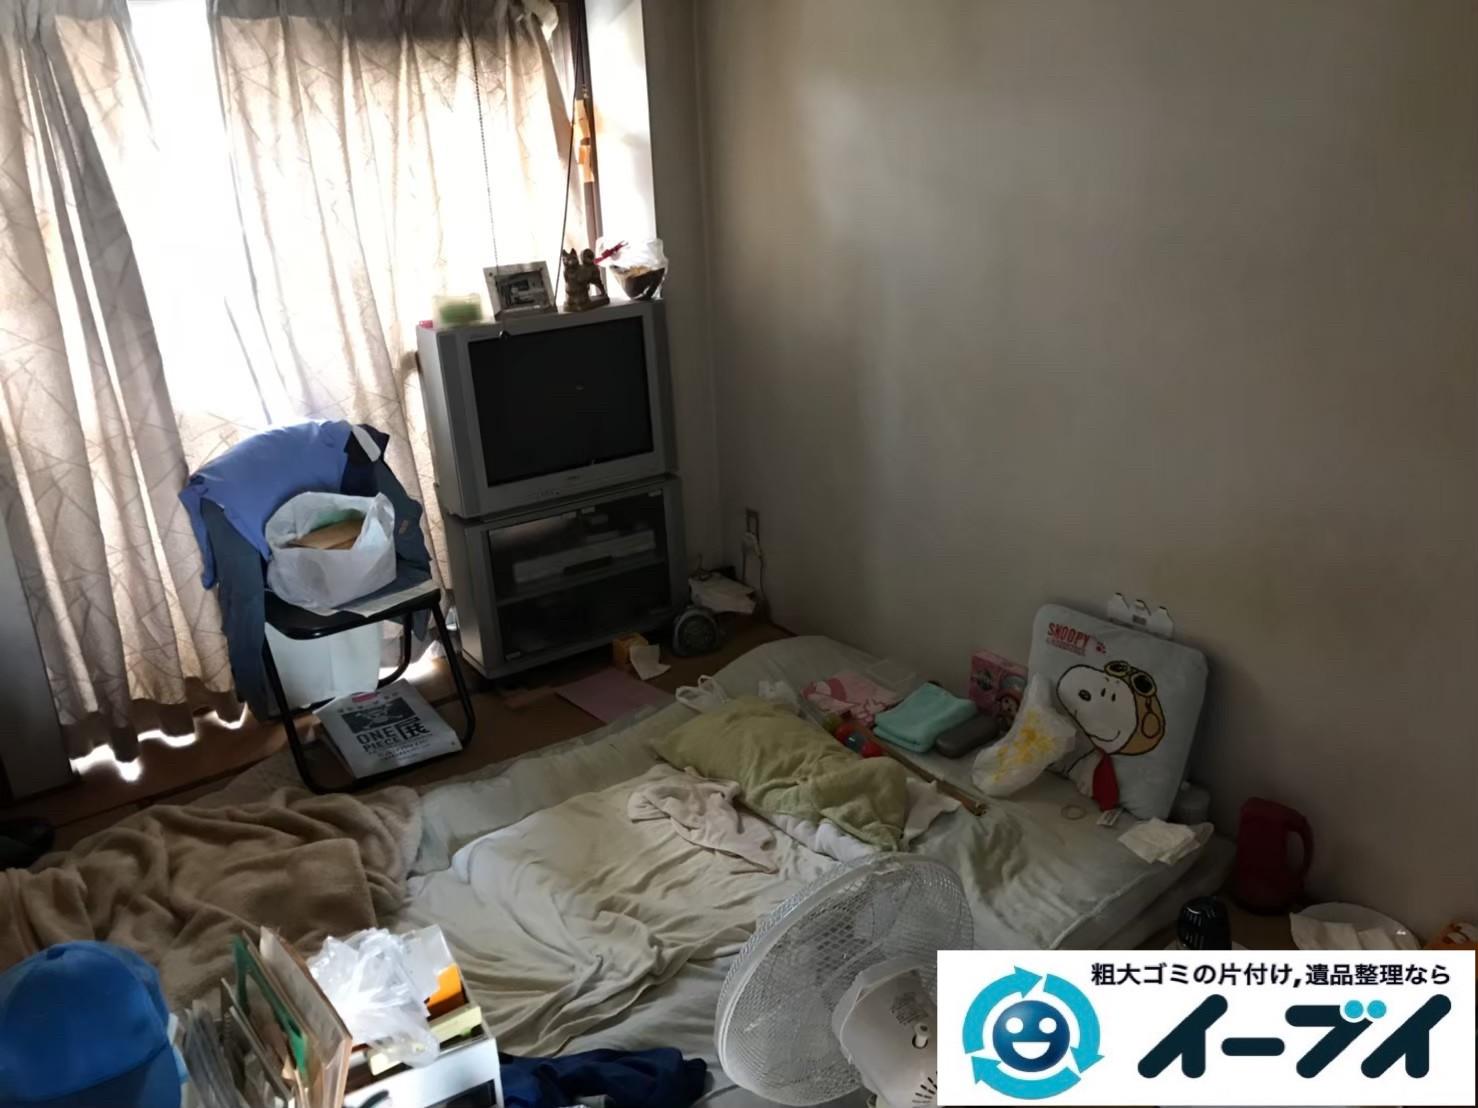 2020年6月16日大阪府茨木市で退去に伴い、マンションのワンルームのお部屋の不用品回収。写真1